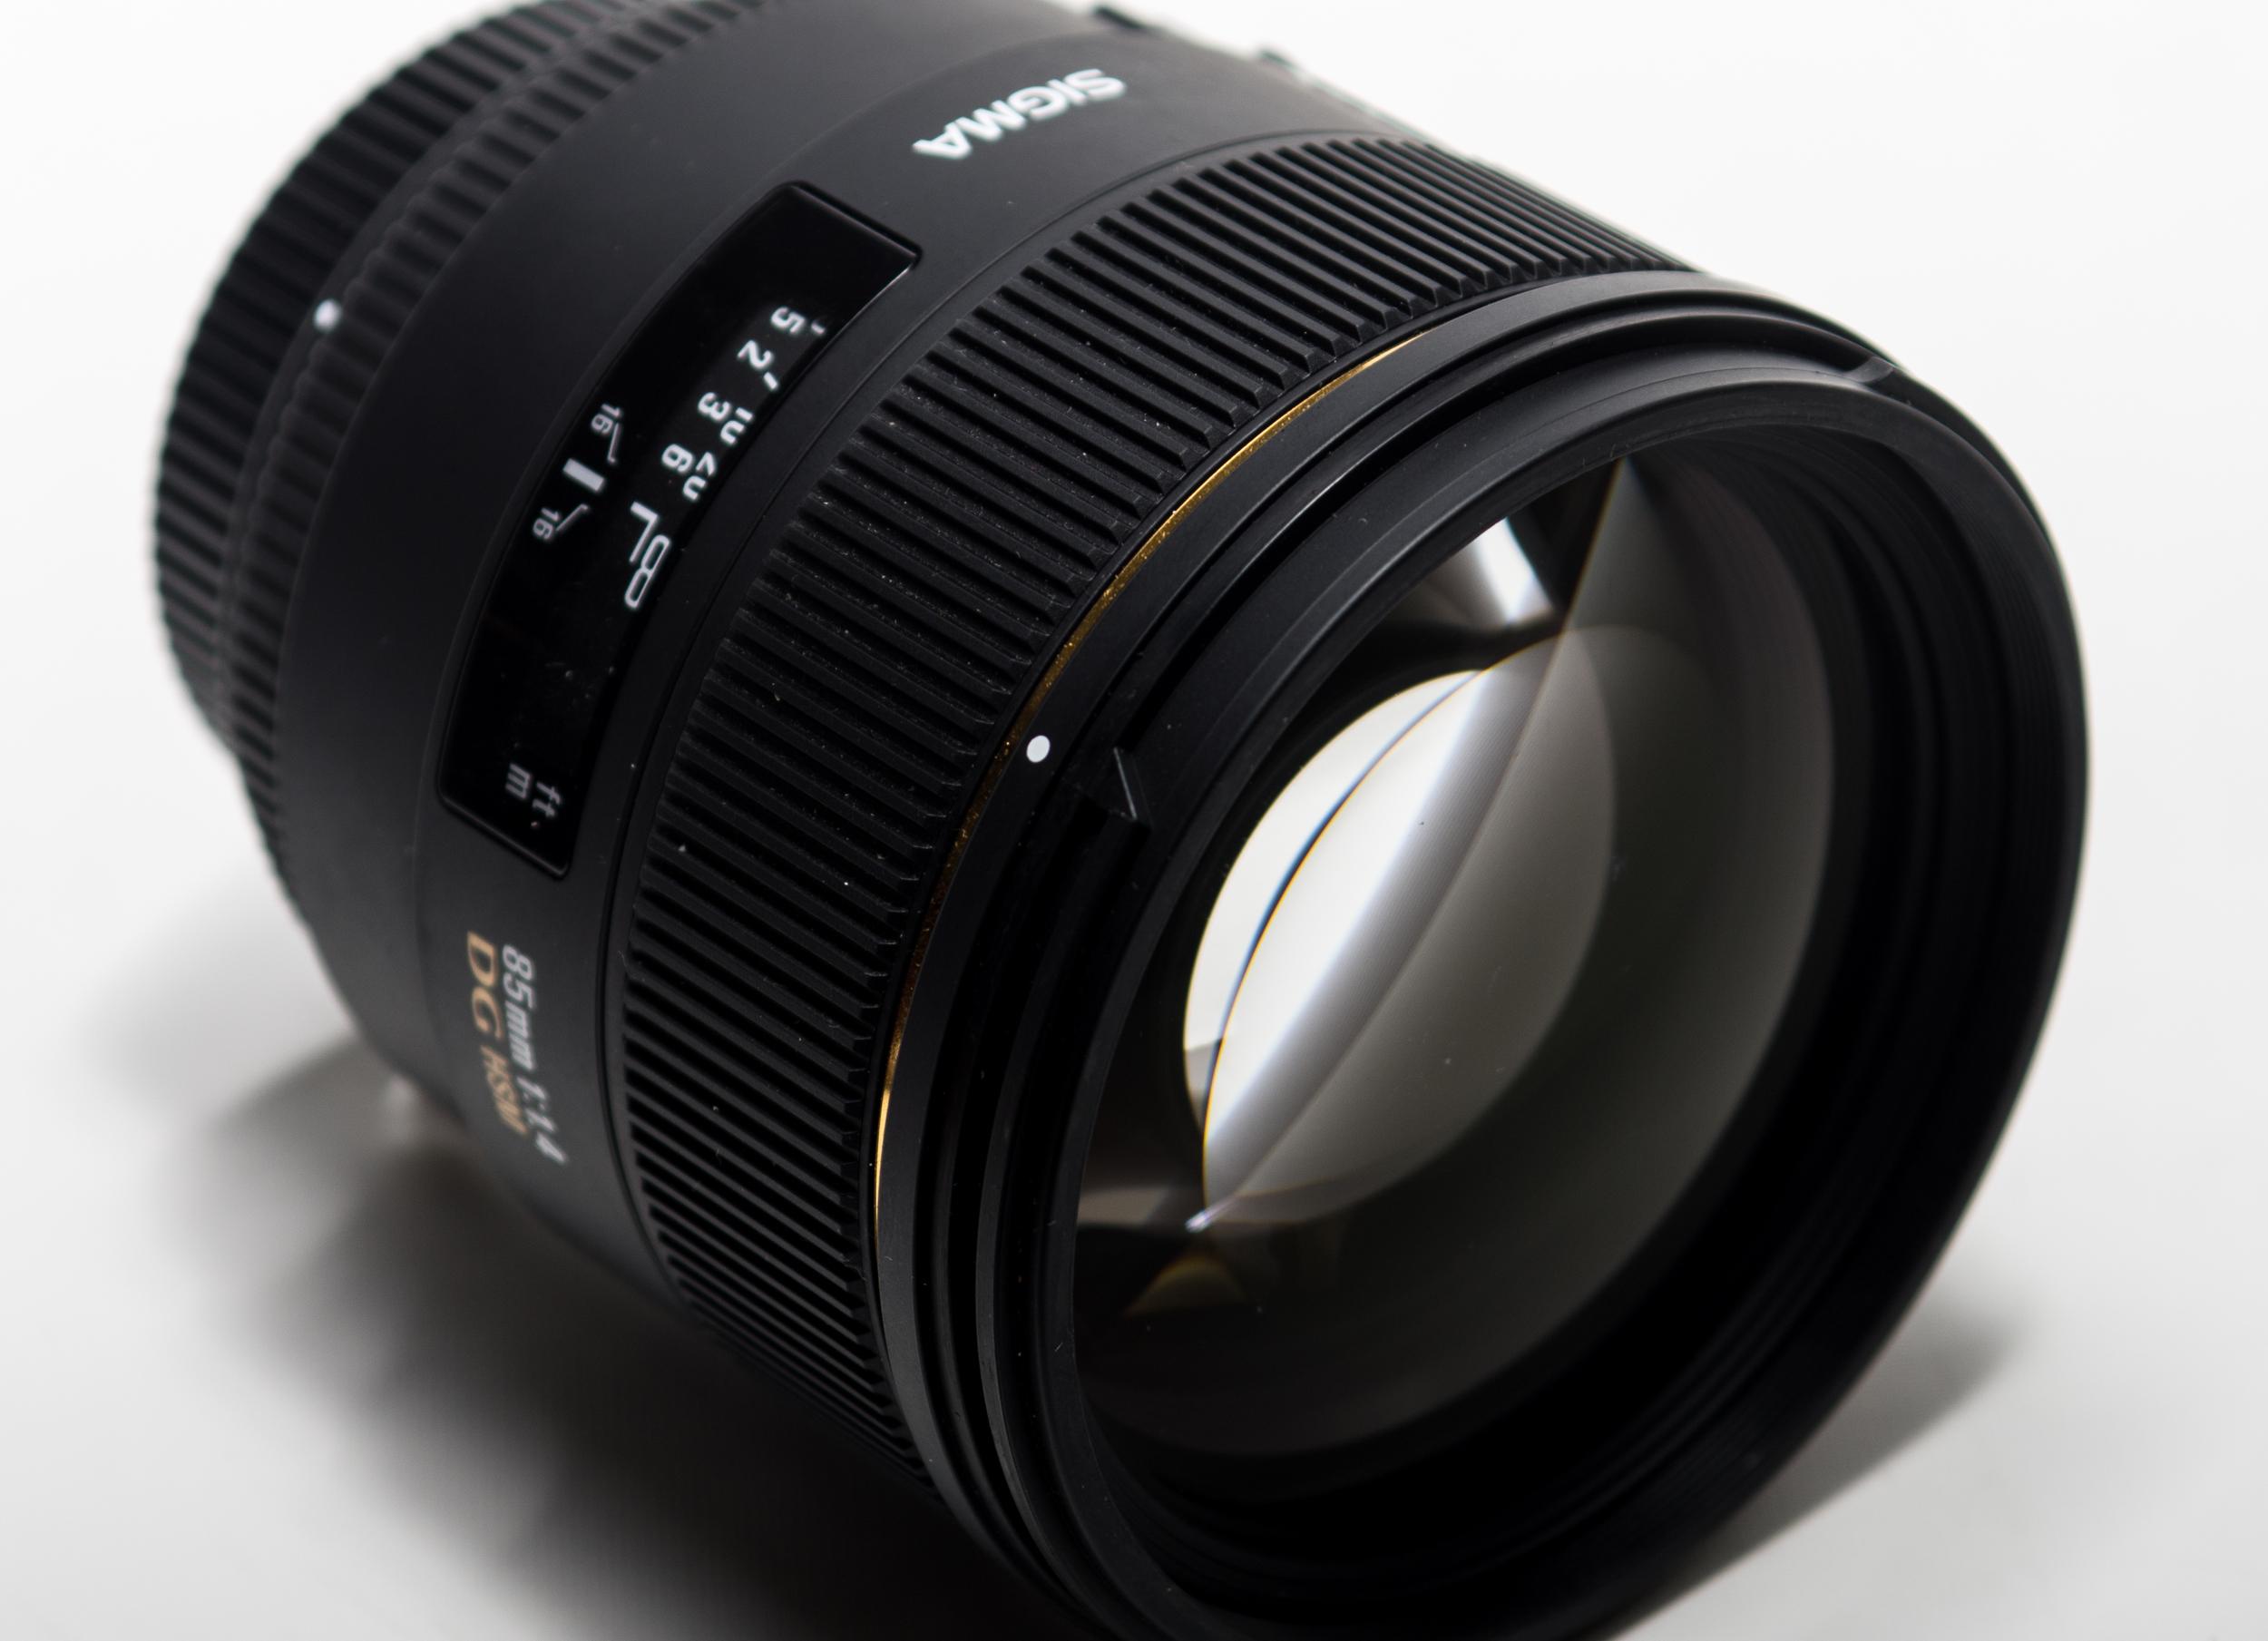 Sigma 85mm 1.4 EX DG HSM